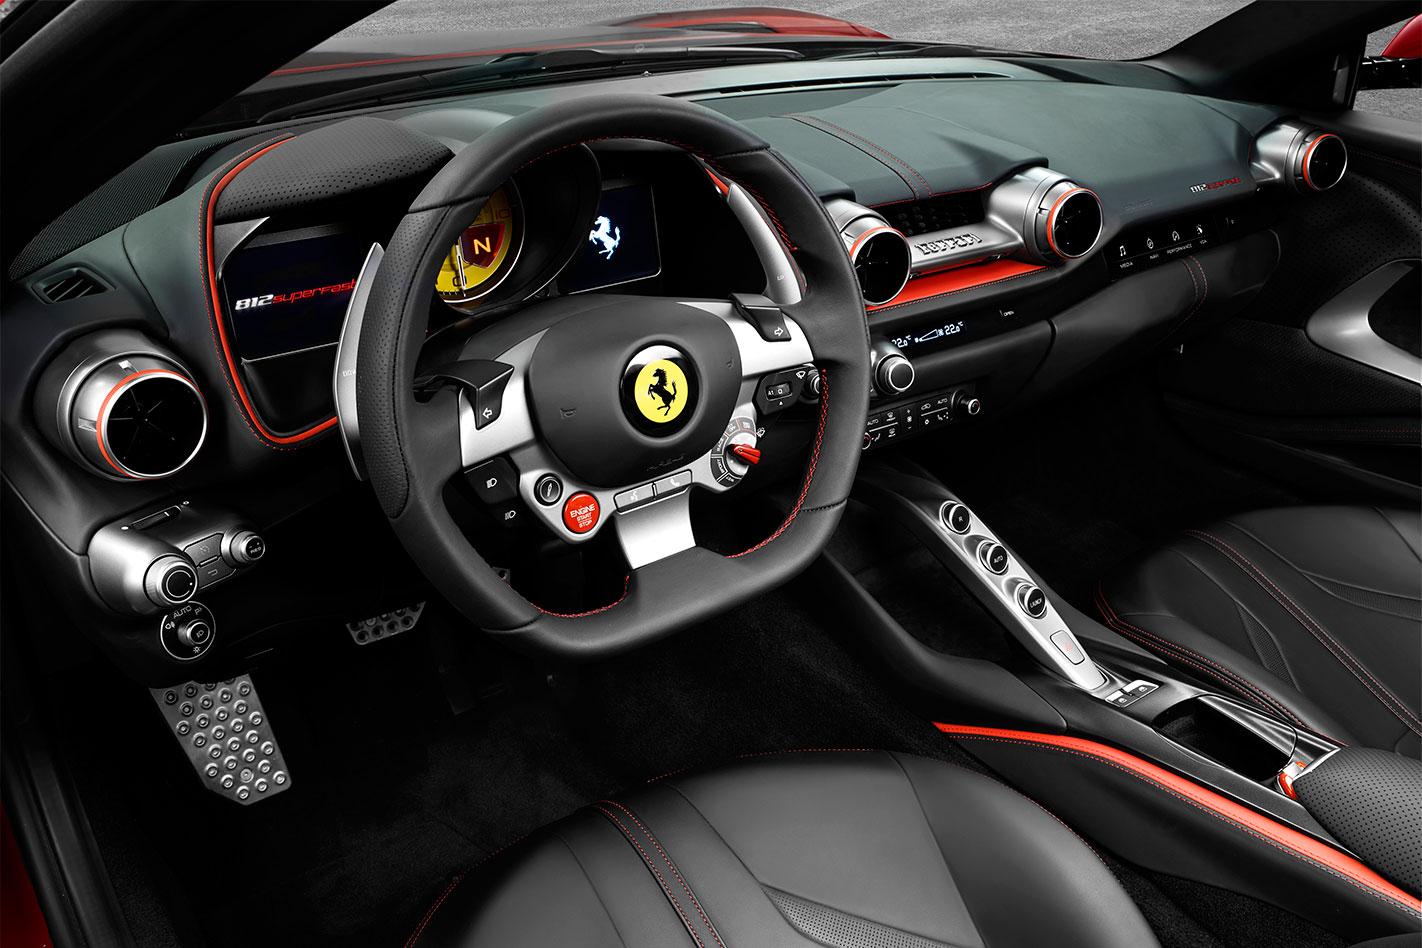 2017 Ferrari 812 Superfast interior